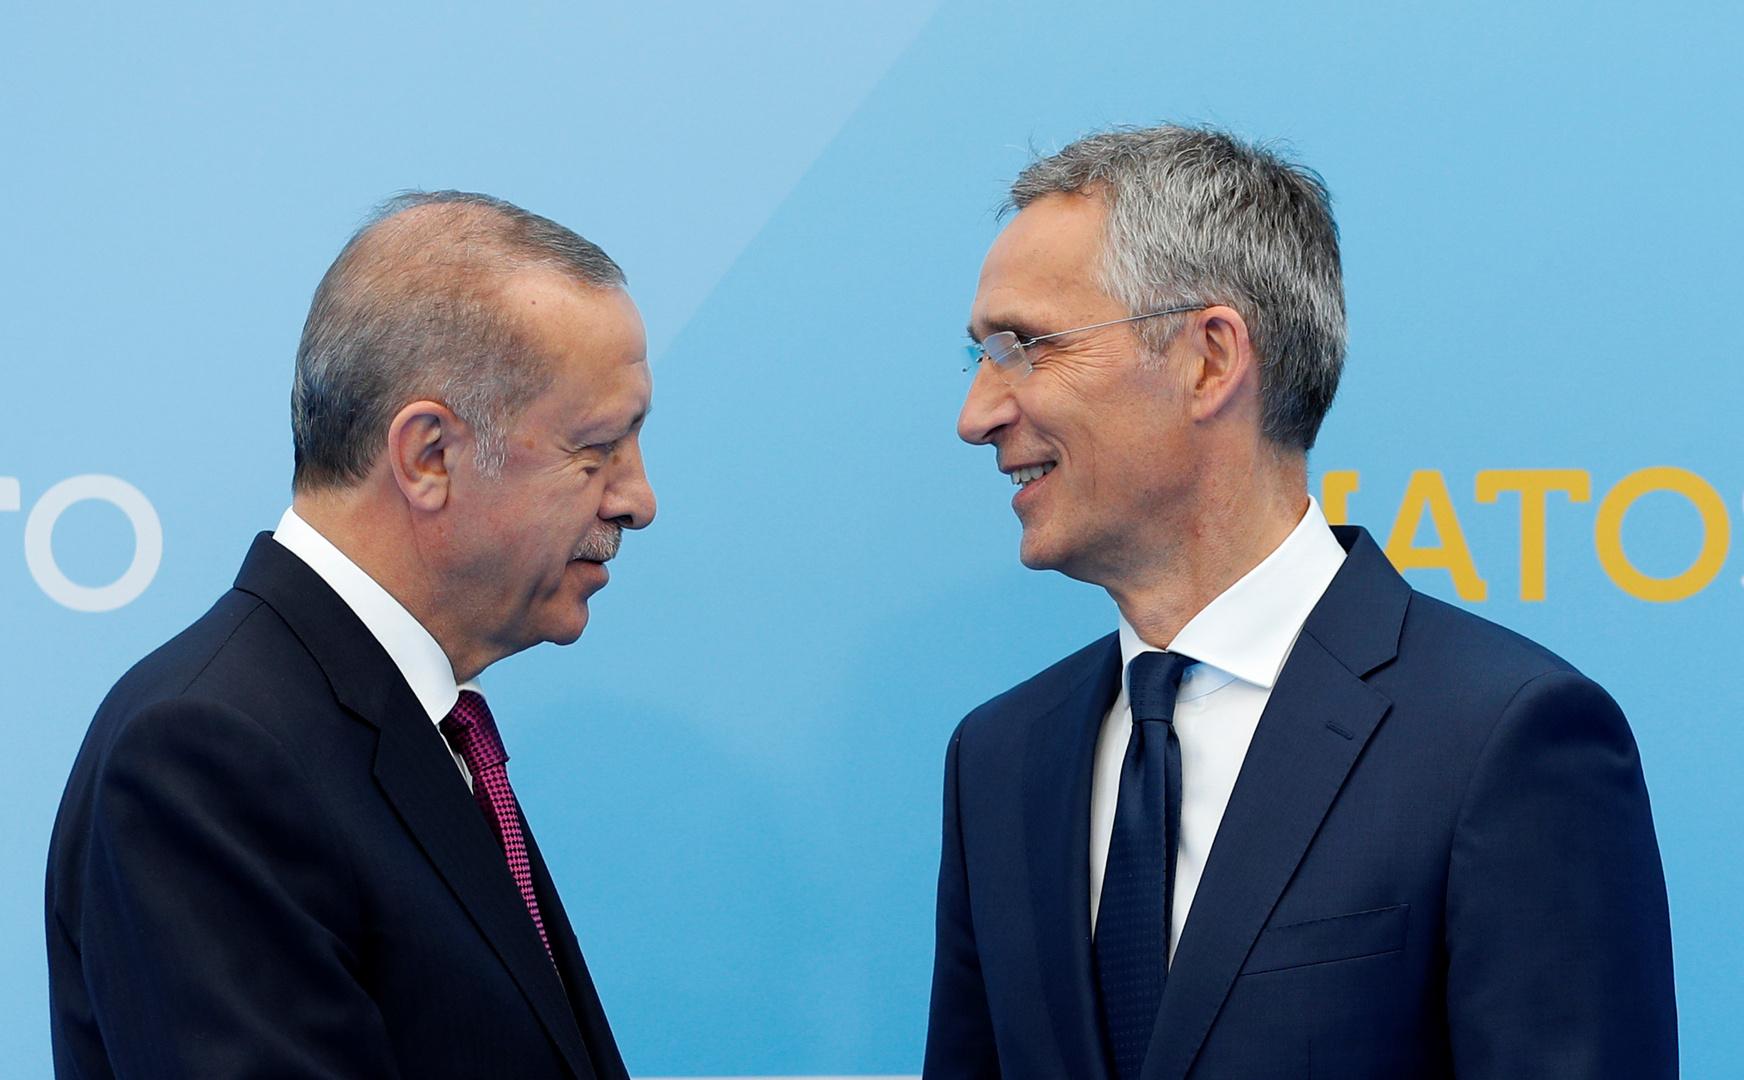 أردوغان يبحث مع الأمين العام للناتو ملفات أوكرانيا وشرق المتوسط وليبيا وأفغانستان